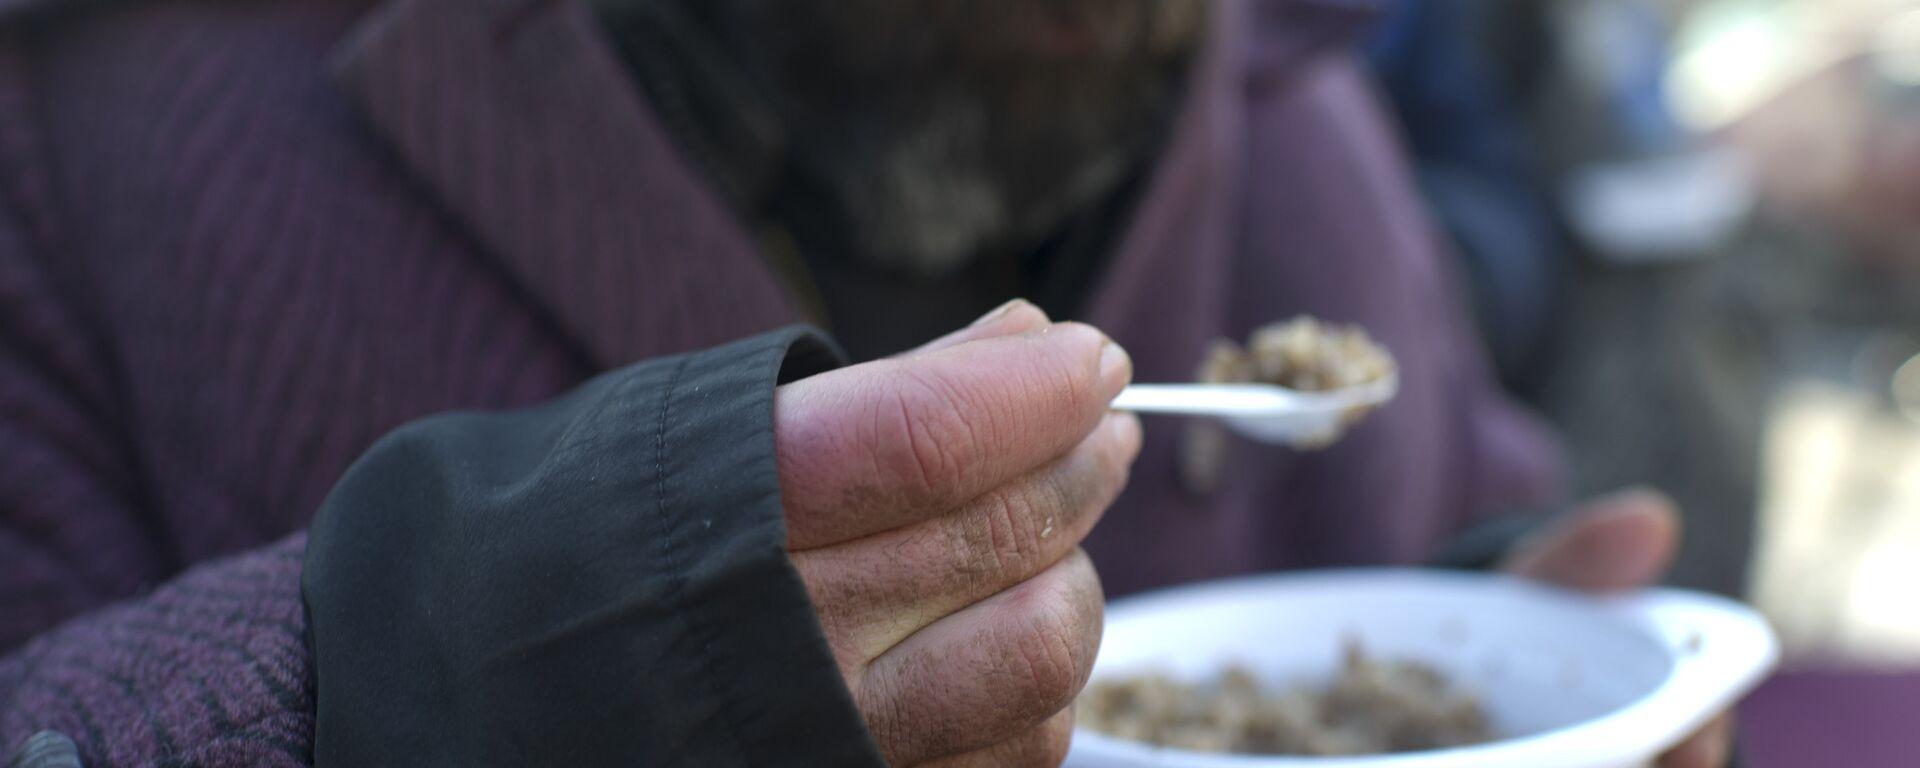 Акция по выдаче питания лицам без определенного места жительства. Архивное фото - Sputnik Латвия, 1920, 01.01.2021